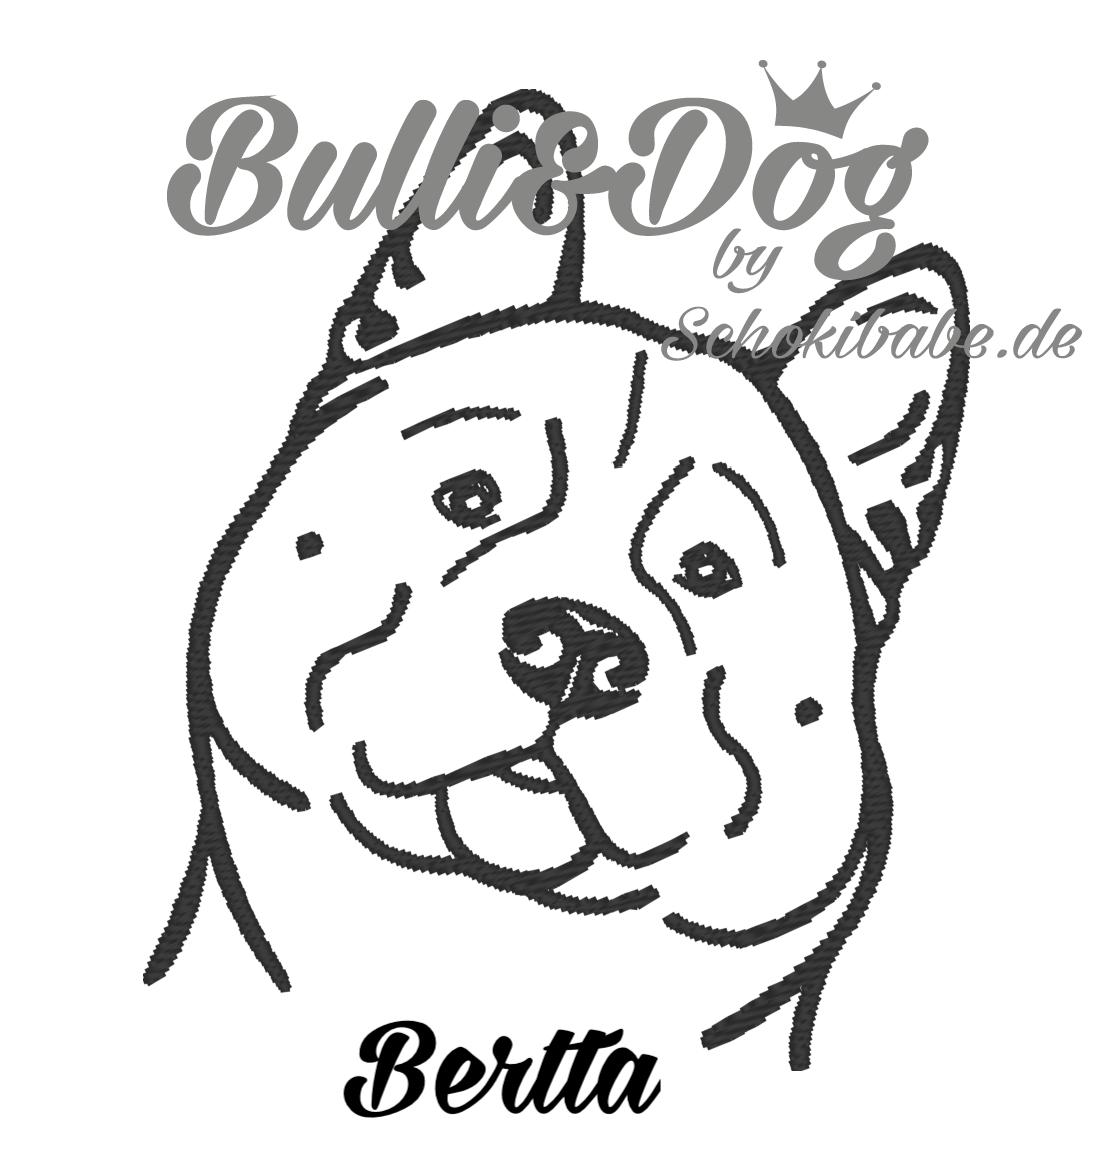 Bertta_7x8